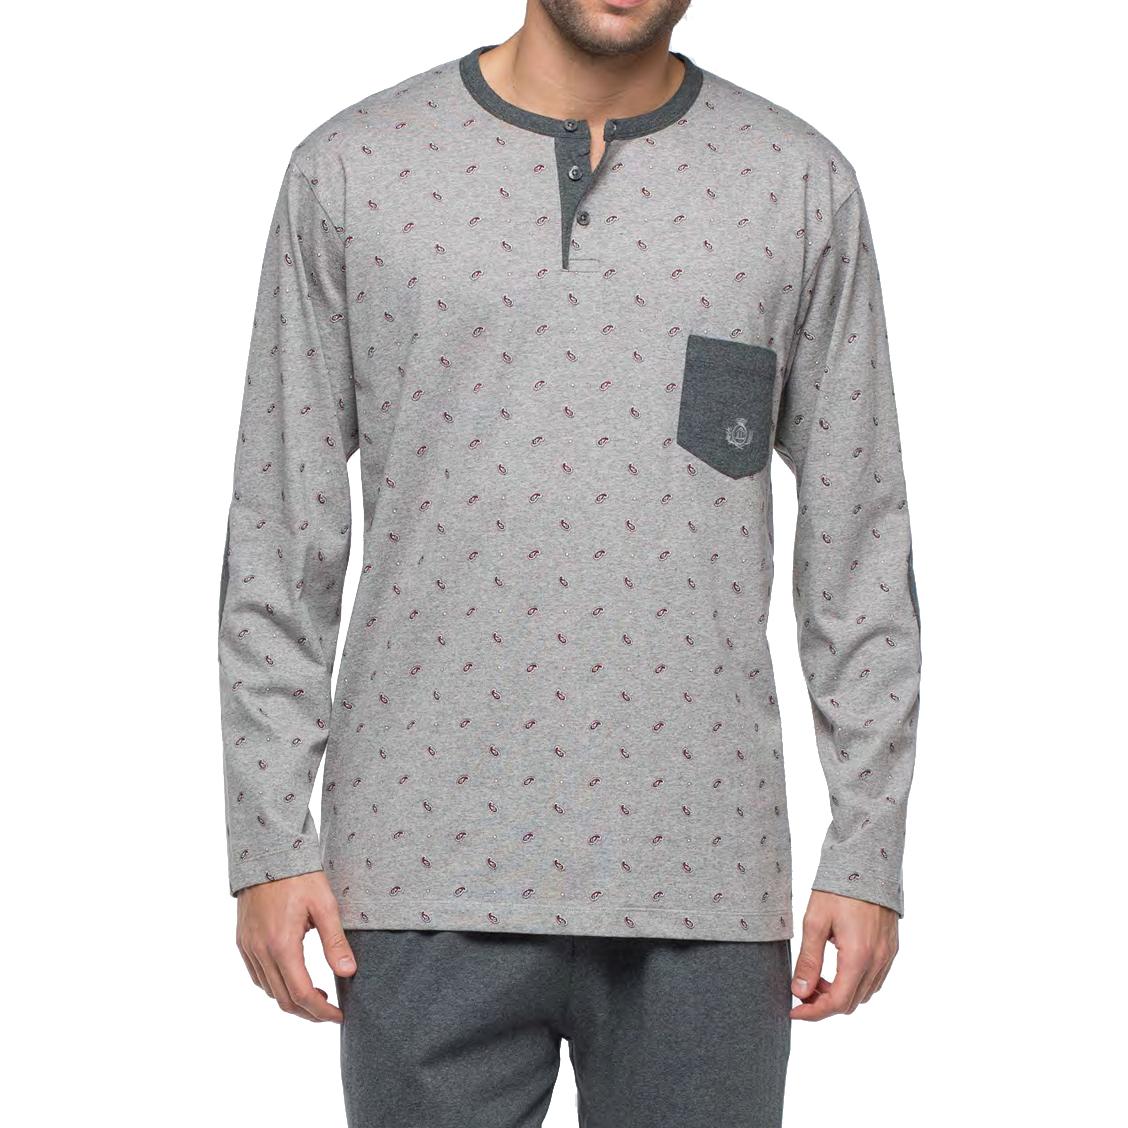 Pyjama long Guasch en jersey de coton : tee-shirt manches longues col tunisien gris chiné à motifs et pantalon gris anthracite chiné